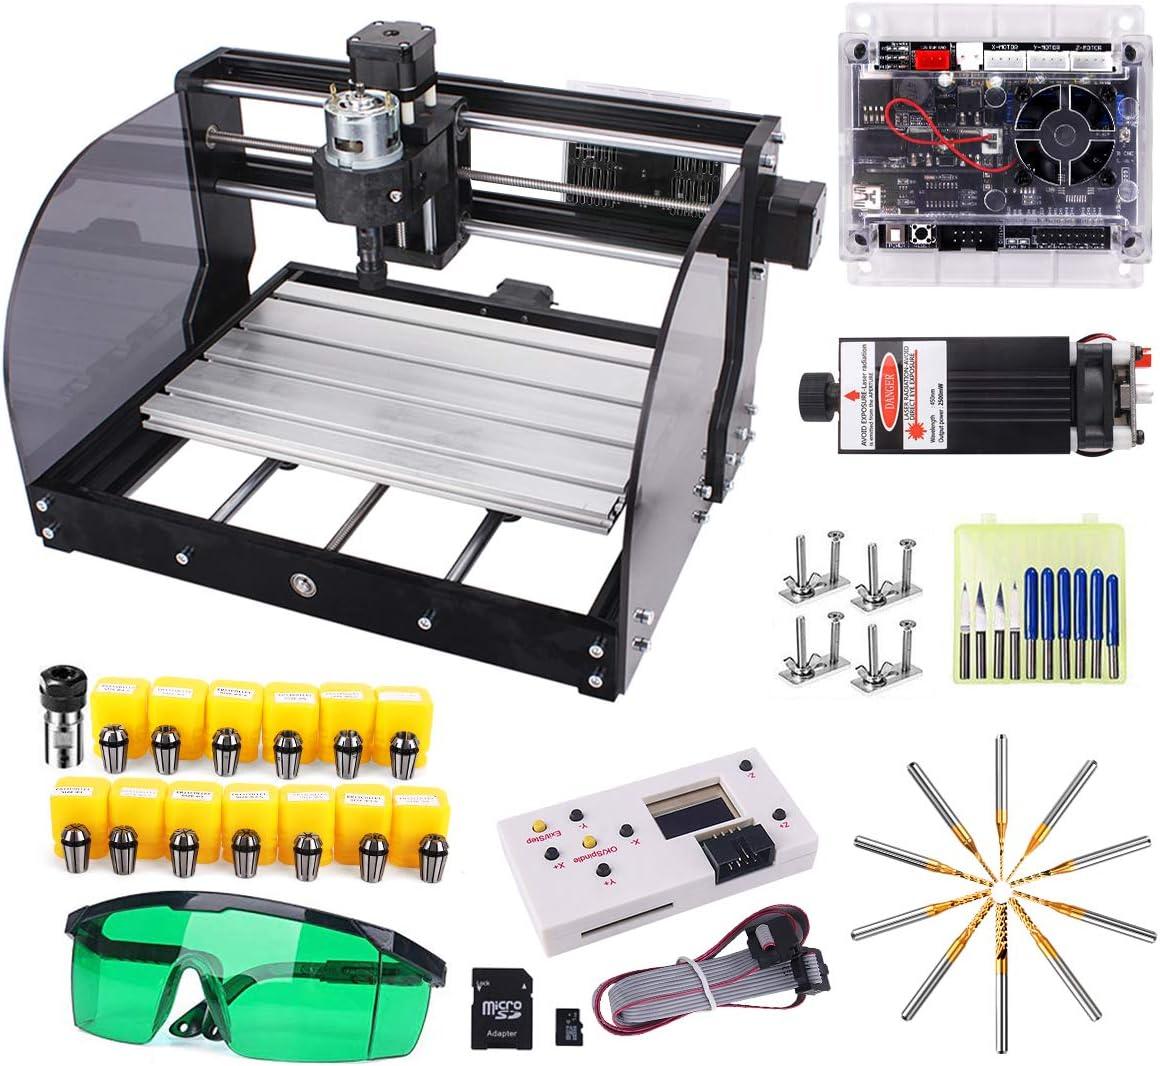 3018-Pro 7000MW avec tige dextension ER11 Collet Set Yofuly 3 axes PCB PVC Zone de travail 300x180x45mm 7W Laser Upgrade CNC 3018 Pro-M Grbl Control DIY Machine de gravure CNC avec carte prot/ég/ée